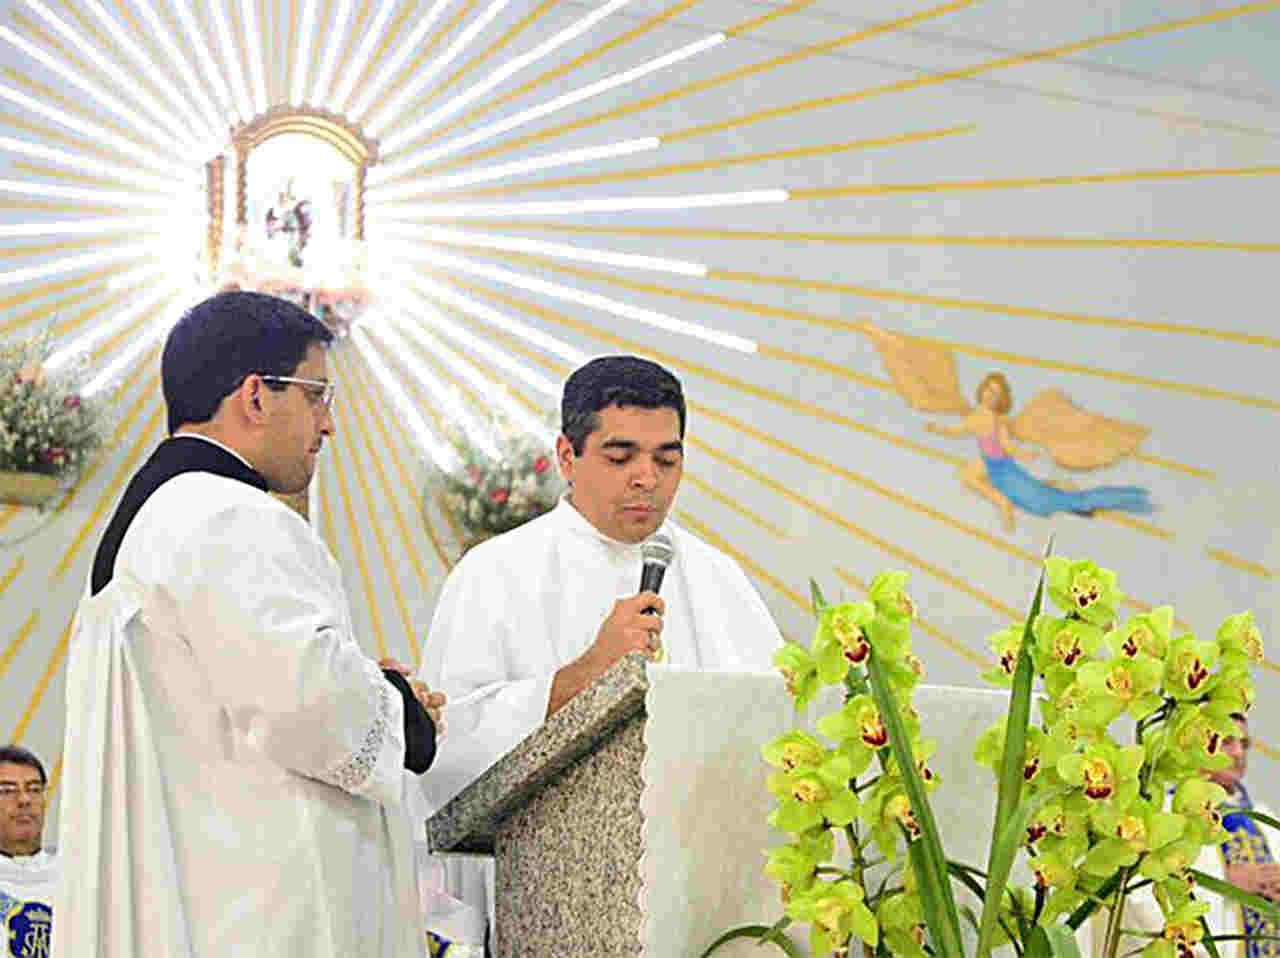 Tayrone di Martino, que tem forte ligação com o Santuário do Divino Pai Eterno de Trindade, pretende abrir igreja em Goiânia | Foto: Reprodução / Facebook